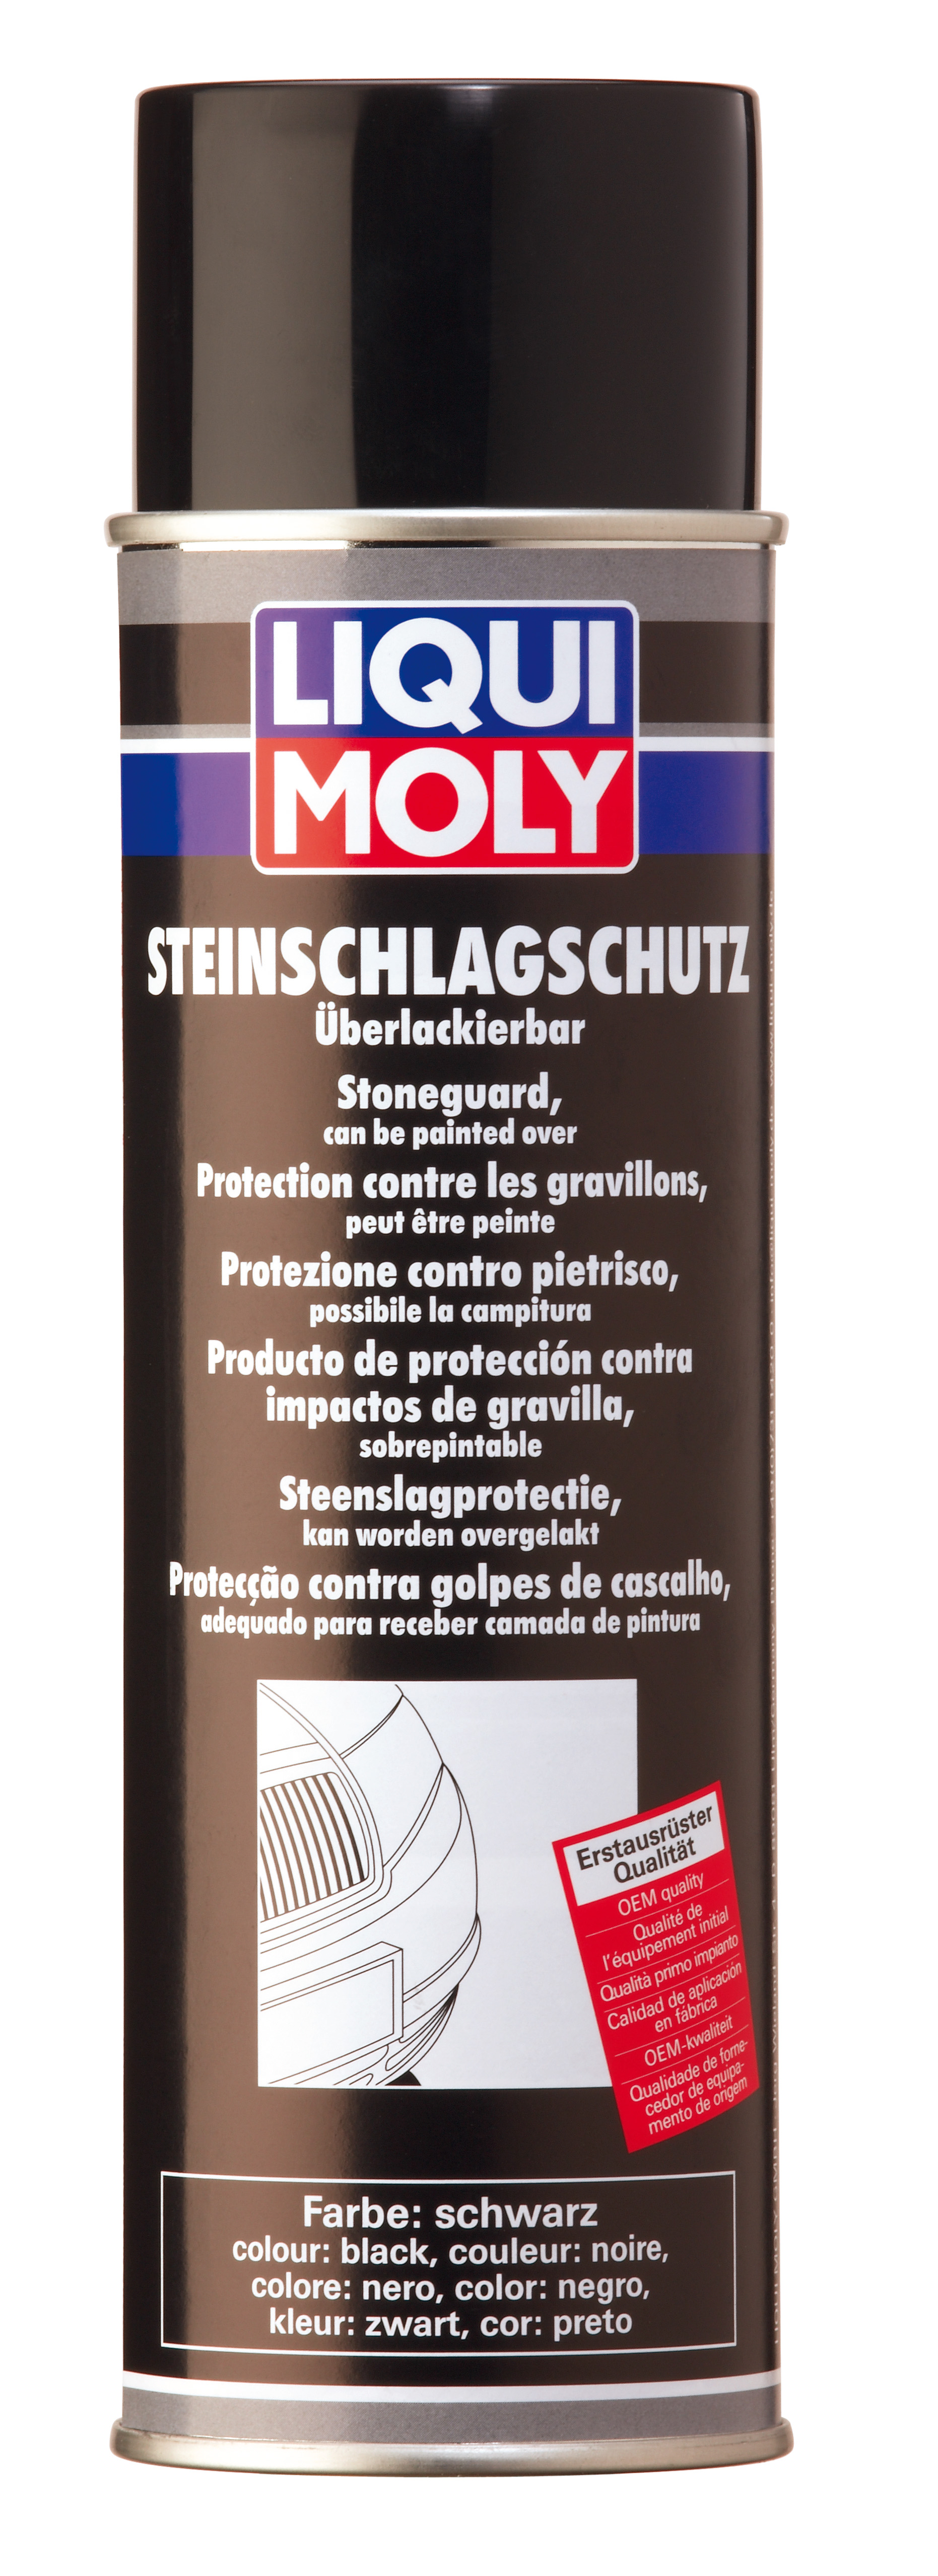 Антигравий черный Steinschlag-Schutz schwarz